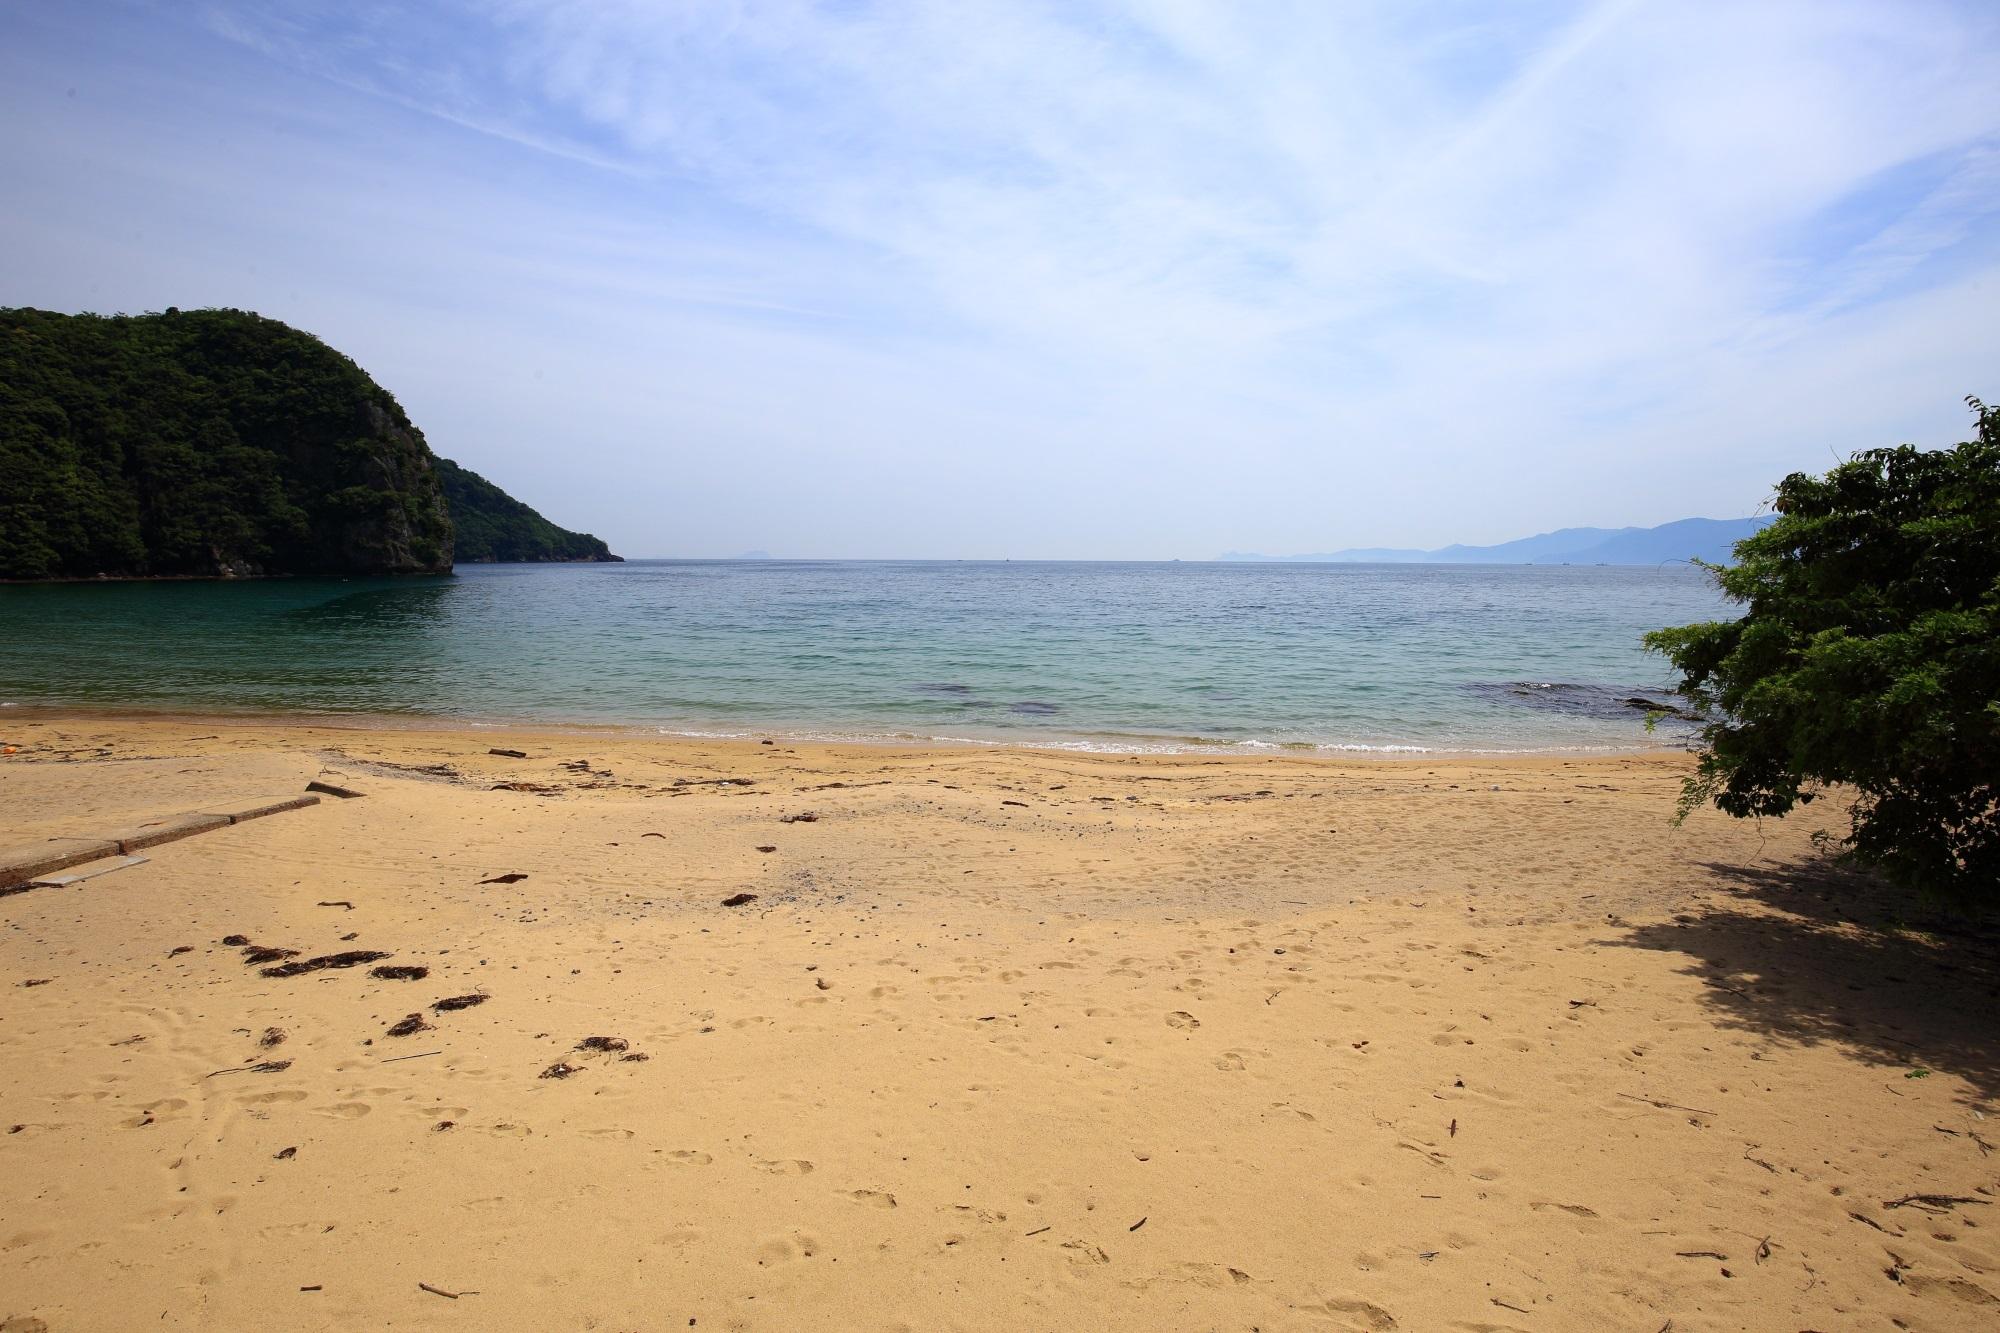 秘境の海岸の越浜(おっぱま)海岸